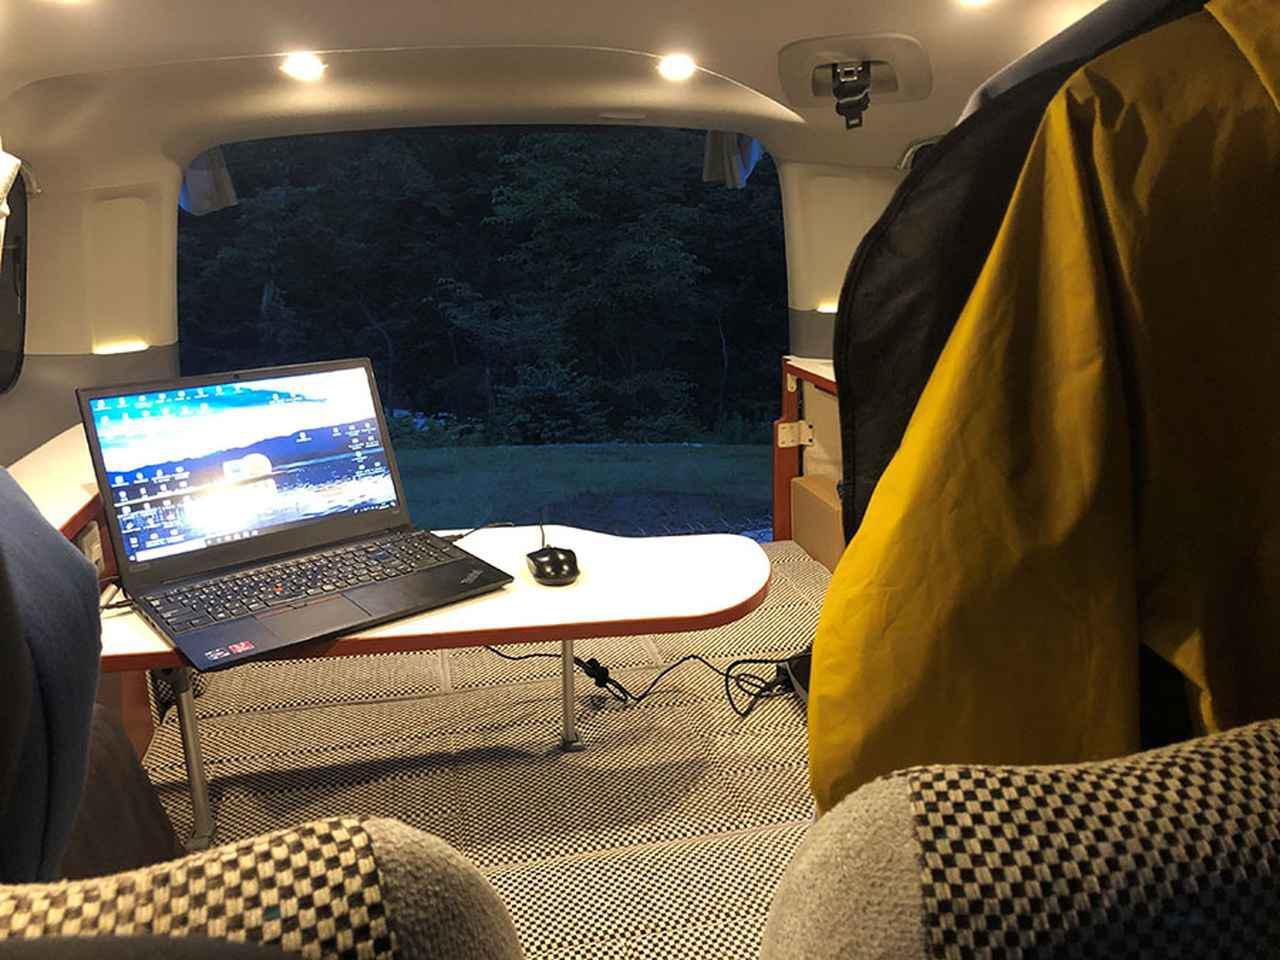 画像: せっかくキャンプ場でリラックスしていたが、残念ながらお仕事勃発。Eメールのチェックだけだったが、なんだか自然の中で行うと気分が新鮮。